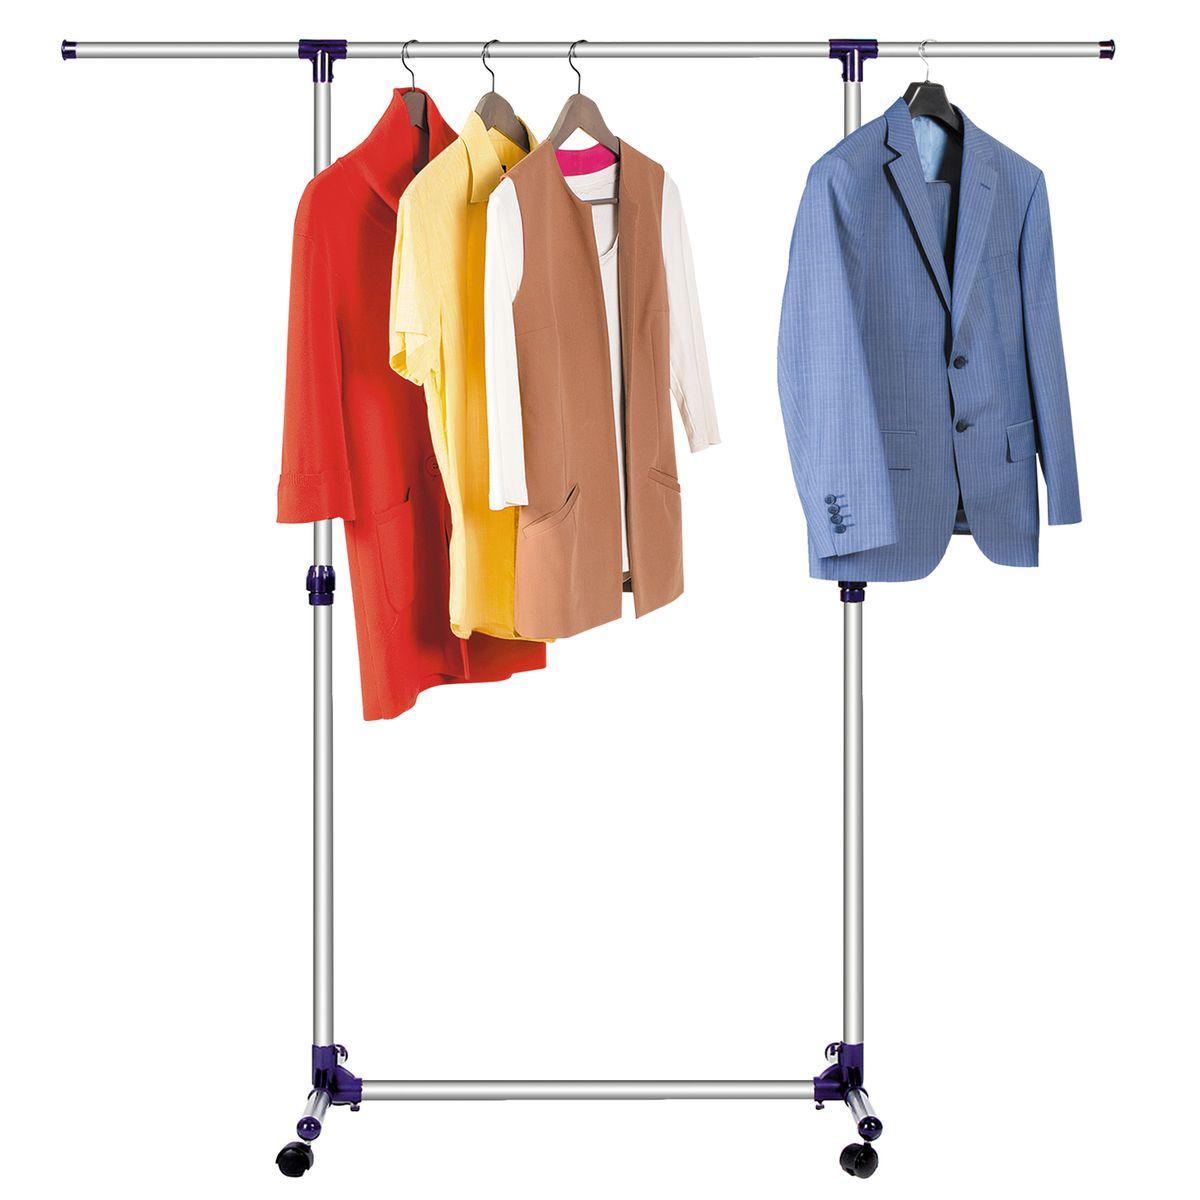 Стойка для одежды Tatkraft Hamburg, с усиленной базой, цвет: хром, черныйRG-D31SСтойка для одежды Tatkraft Hamburg с усиленной базой и боковыми телескопическими штангами. Надежный внутренний замок. Колеса с фиксацией. Стойка из нержавеющей стали и ABS-пластика. Вмещает до 30 вешалок, распределенный вес по длине штанги - 30 кг. Размеры: 87–150 (Ш) x 44 (Г) x 97–160 (В) см